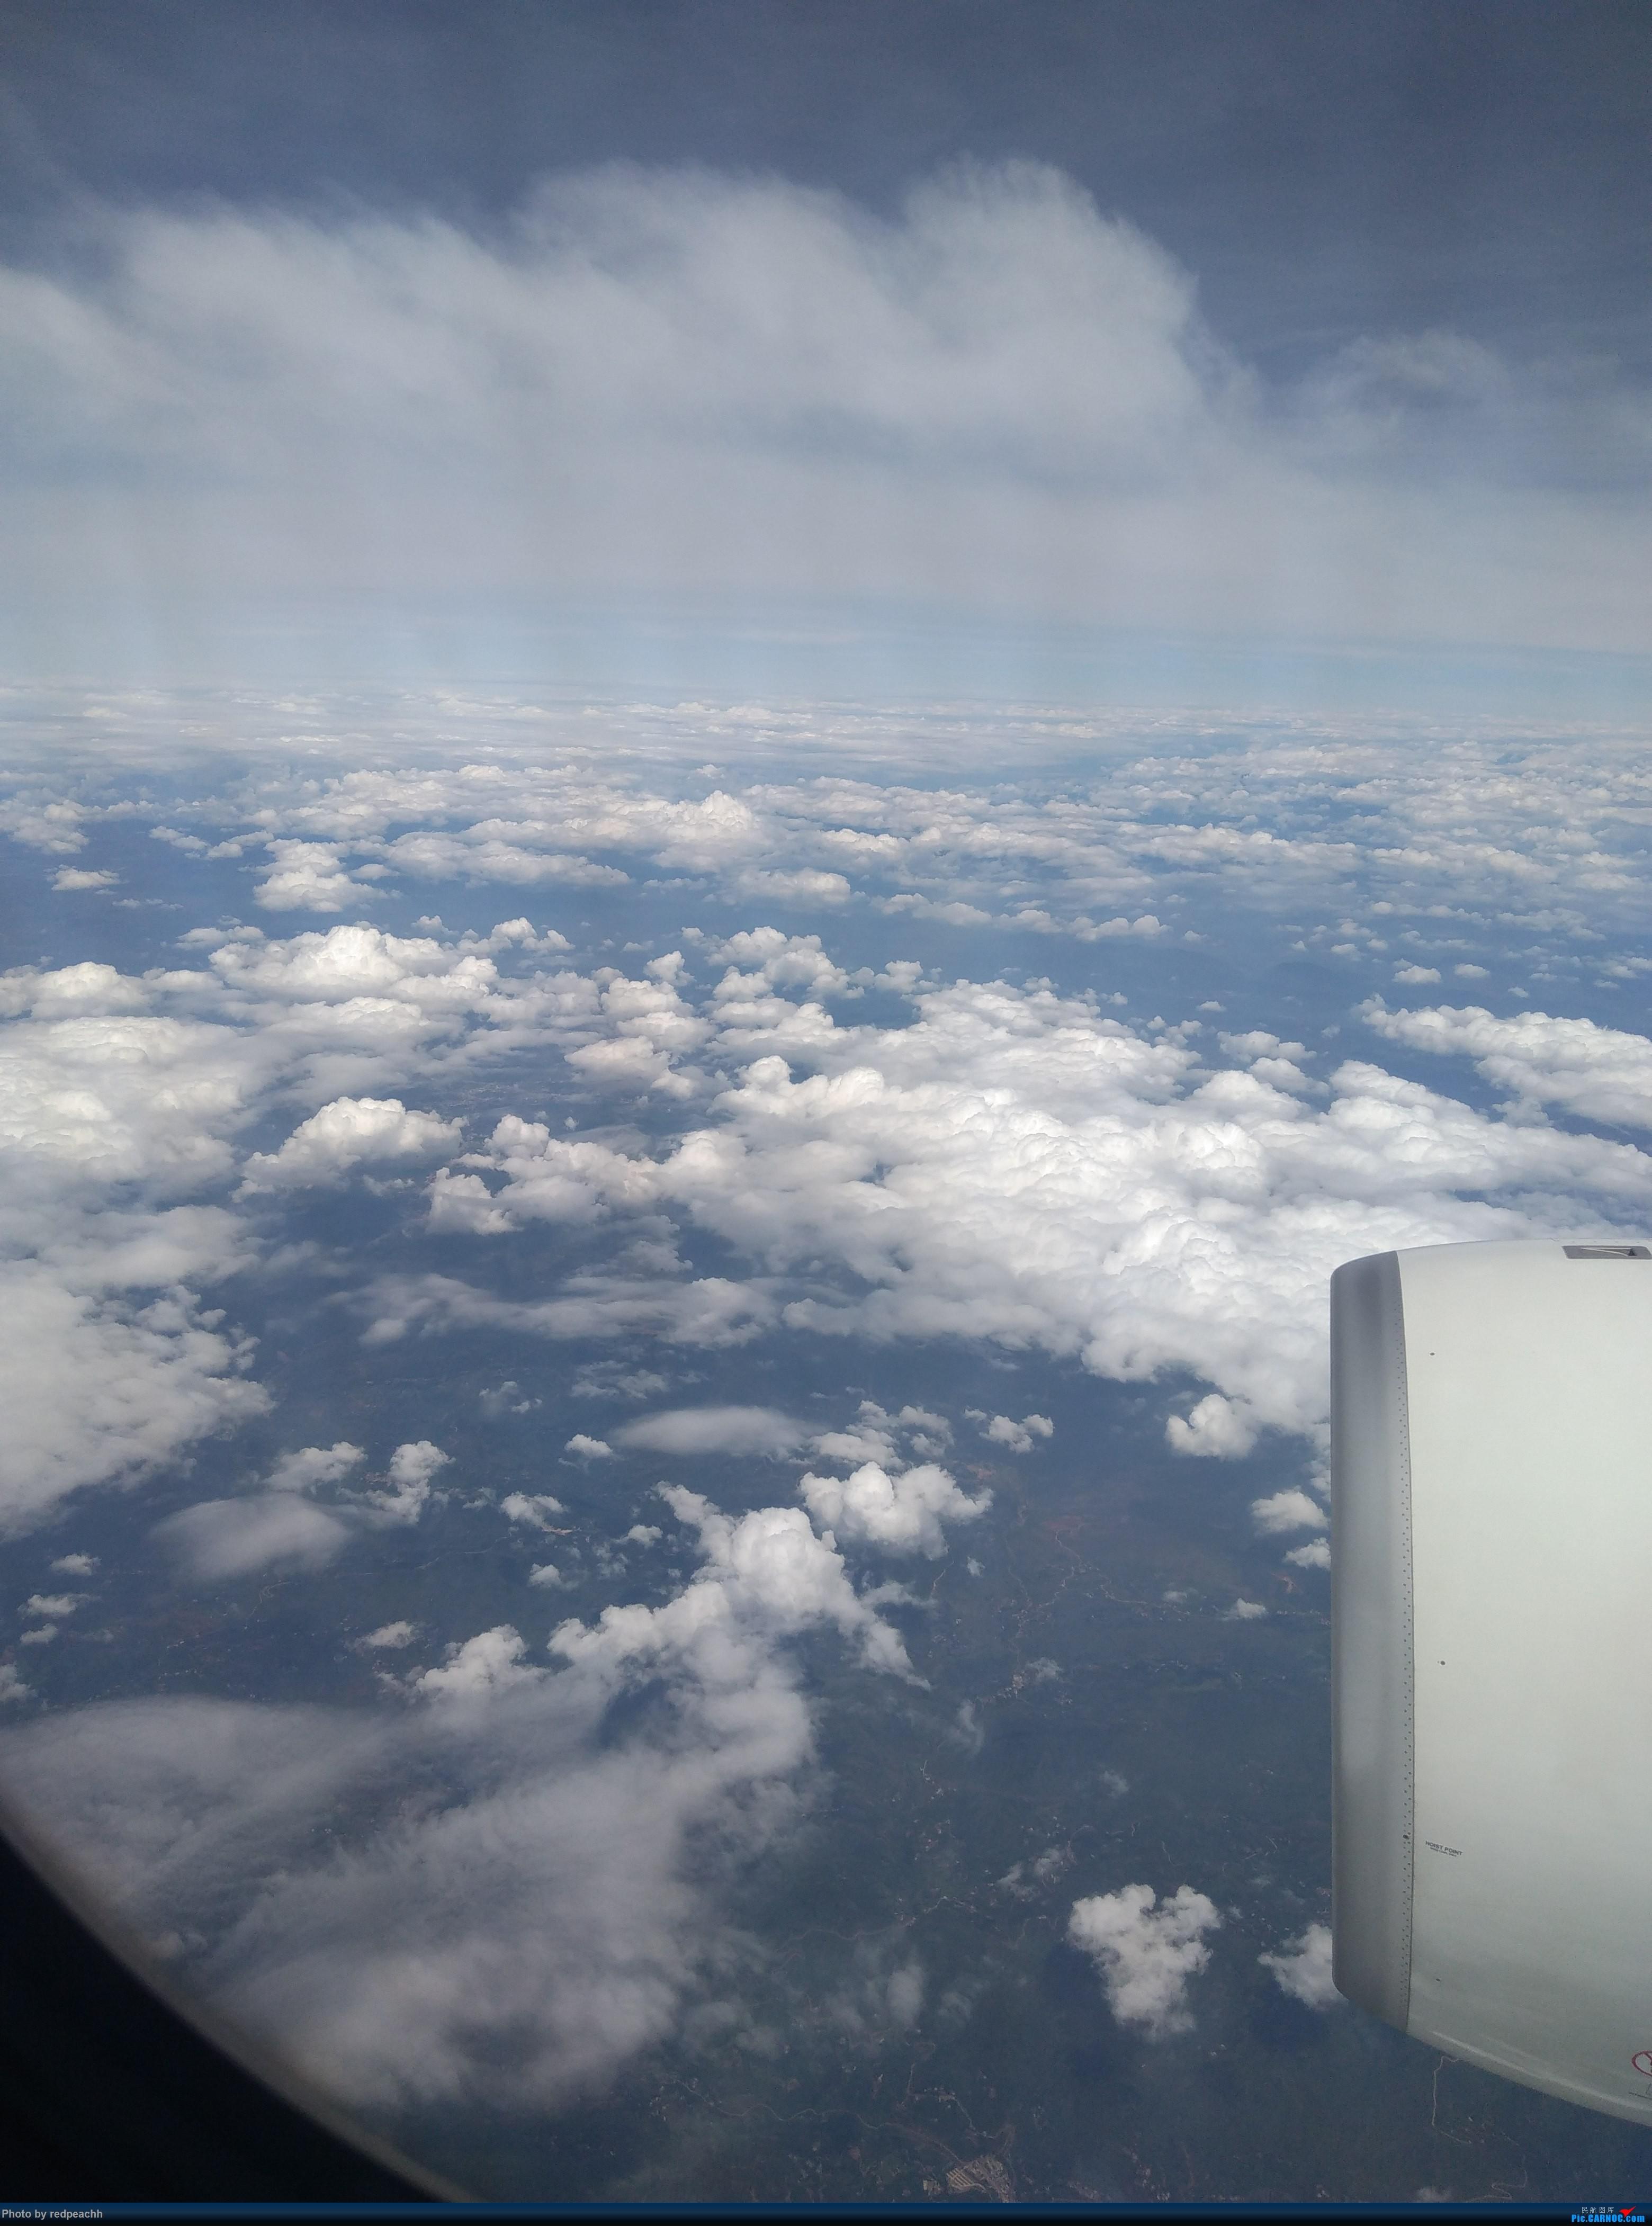 Re:[原创]360天日夜谋划精心筹备之为纪念老爸光荣退休的全家云南行 AIRBUS A330-200 B-8659 中国天津滨海国际机场